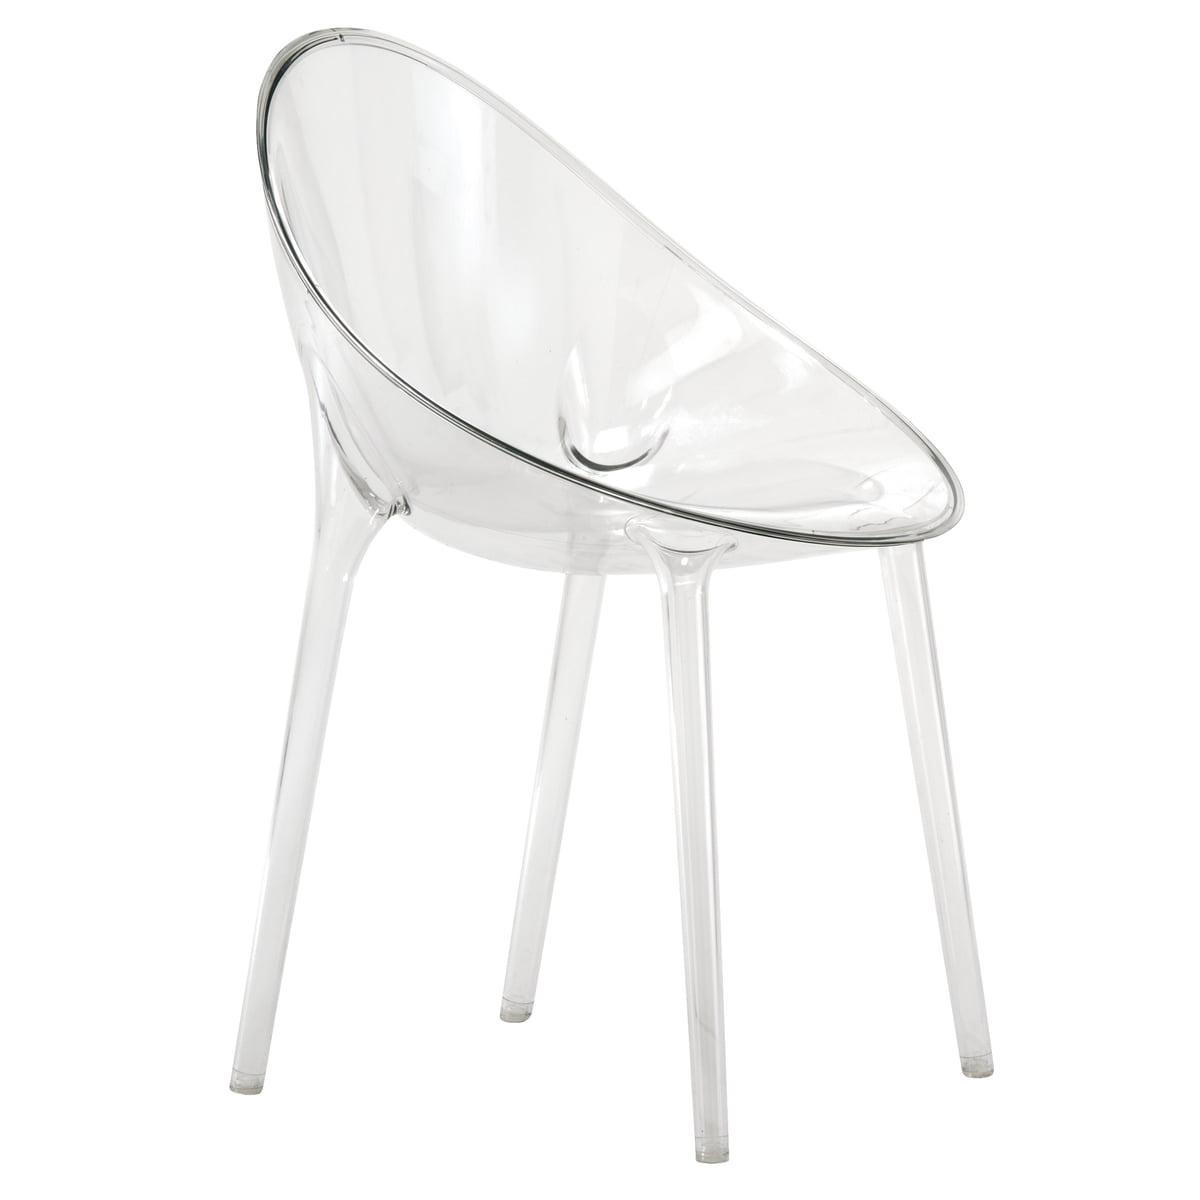 kartell mr impossible chair kartell shop. Black Bedroom Furniture Sets. Home Design Ideas